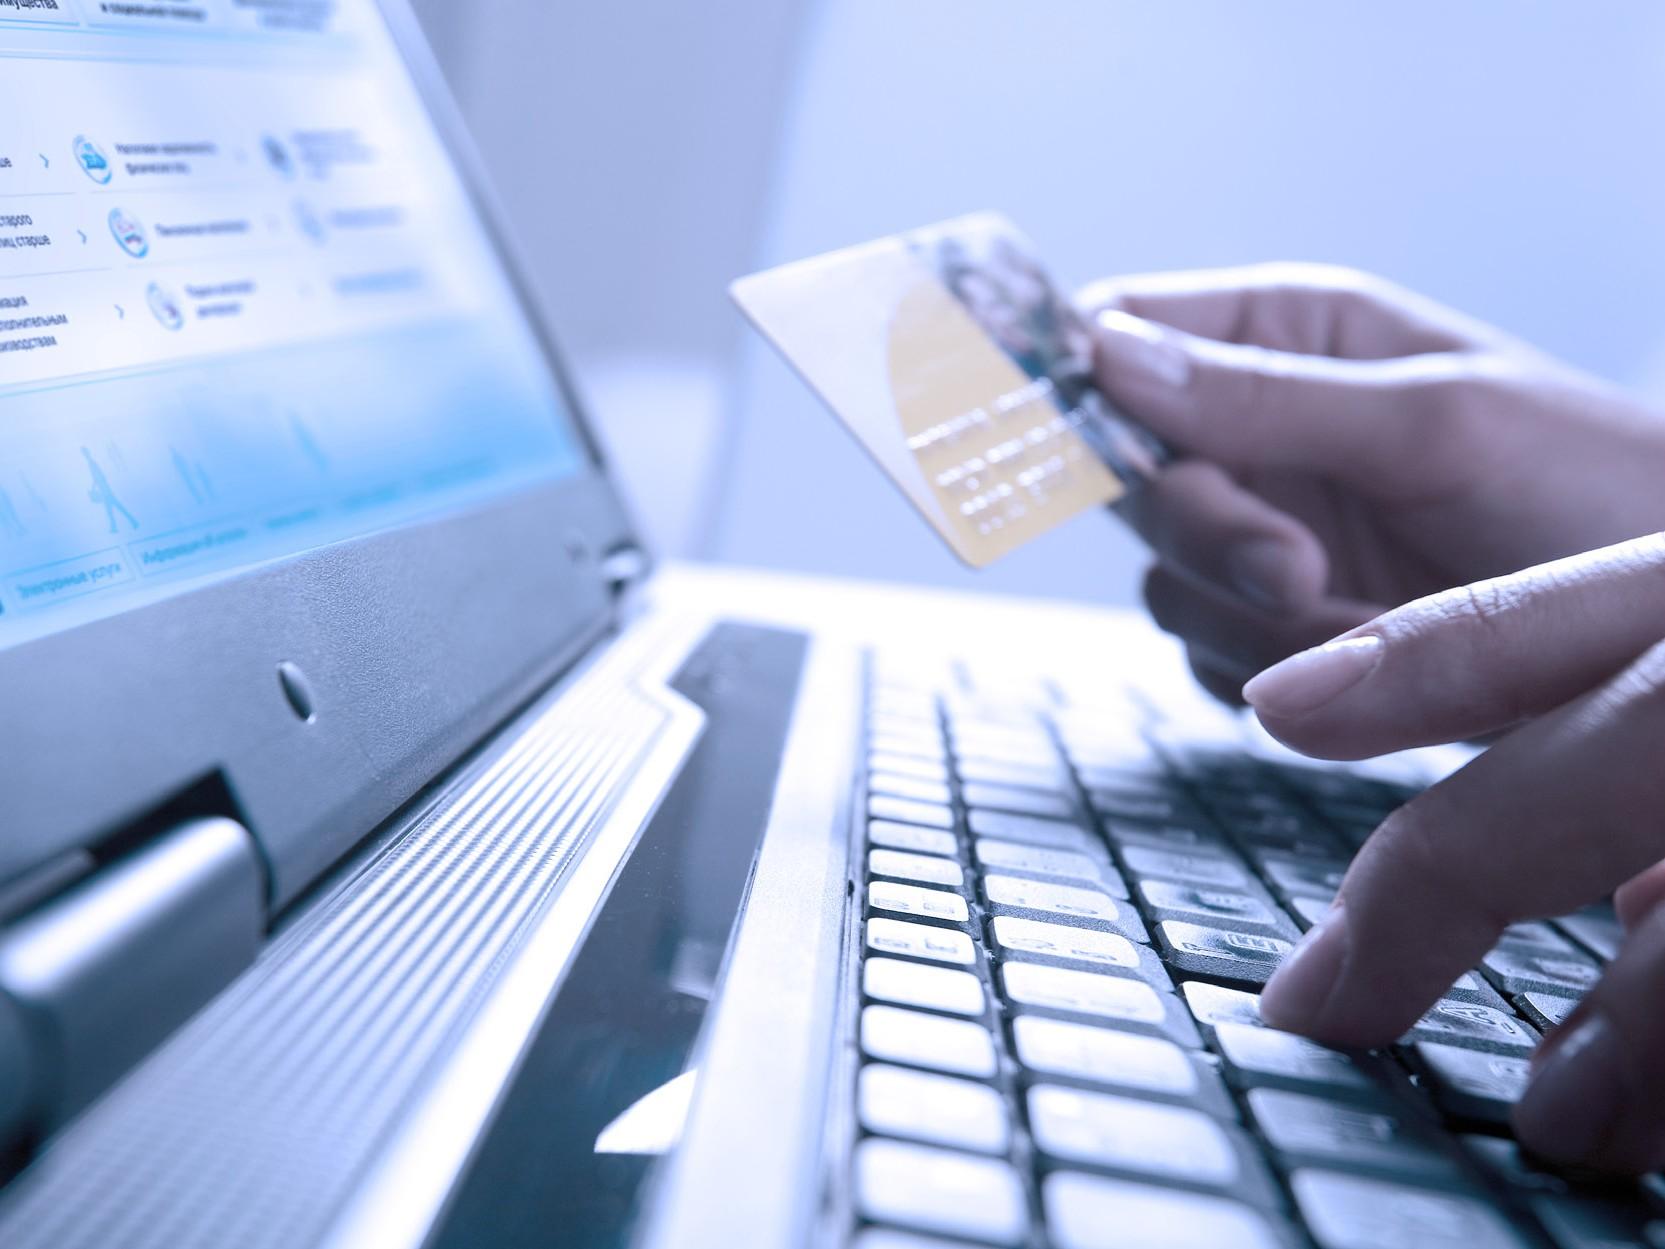 Около 90% москвичей предпочитают удаленно платить за услуги ЖКХ